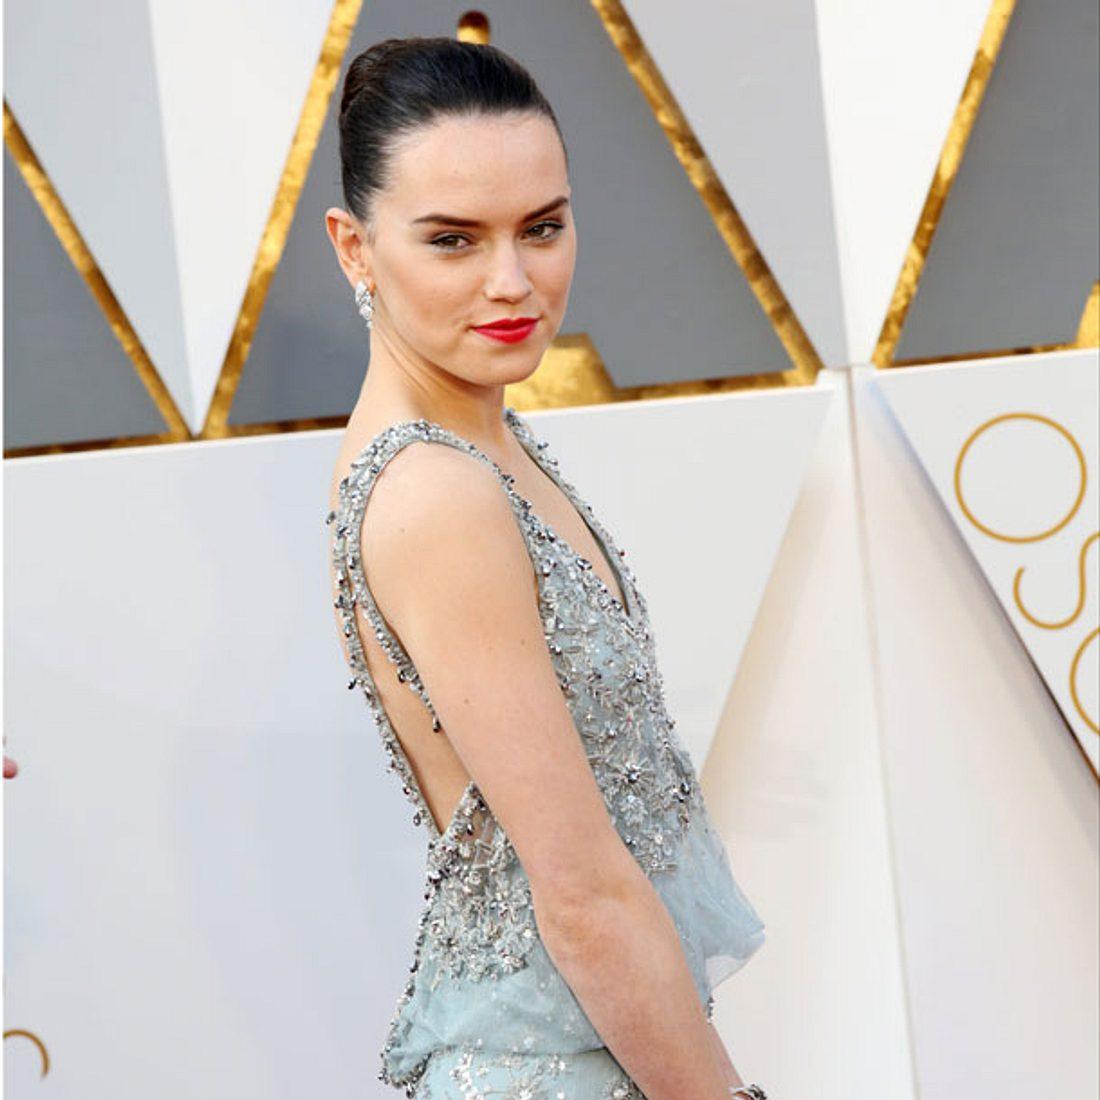 Wird Daisy Ridley die neue Angelina Jolie?